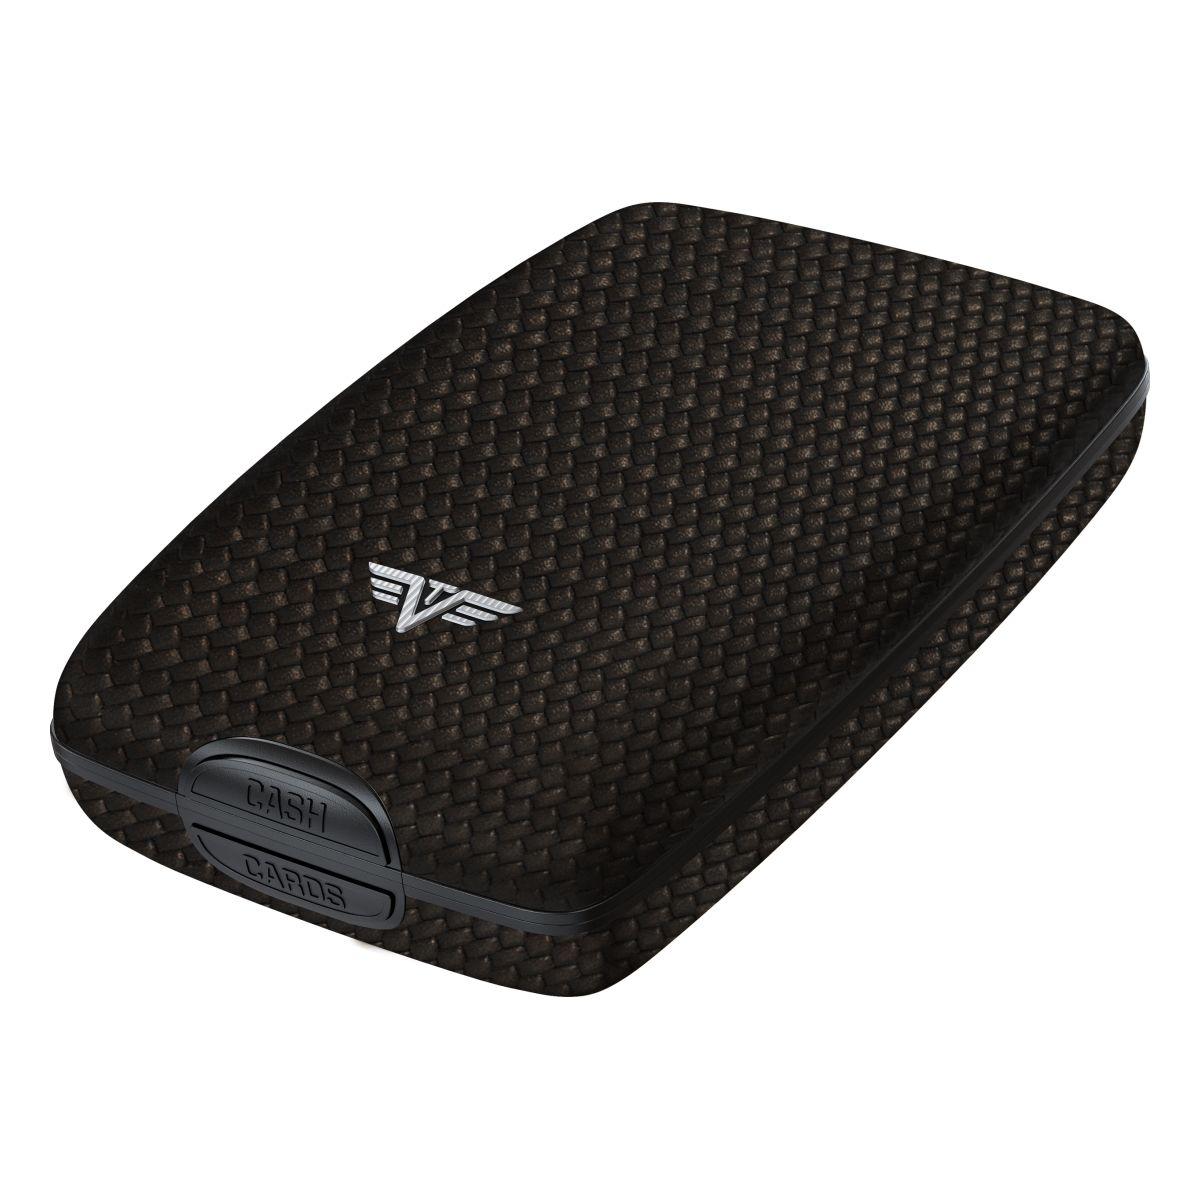 TRU VIRTU Aluminum Wallet Oyster Cash & Cards - Leather Line - Carbon Black